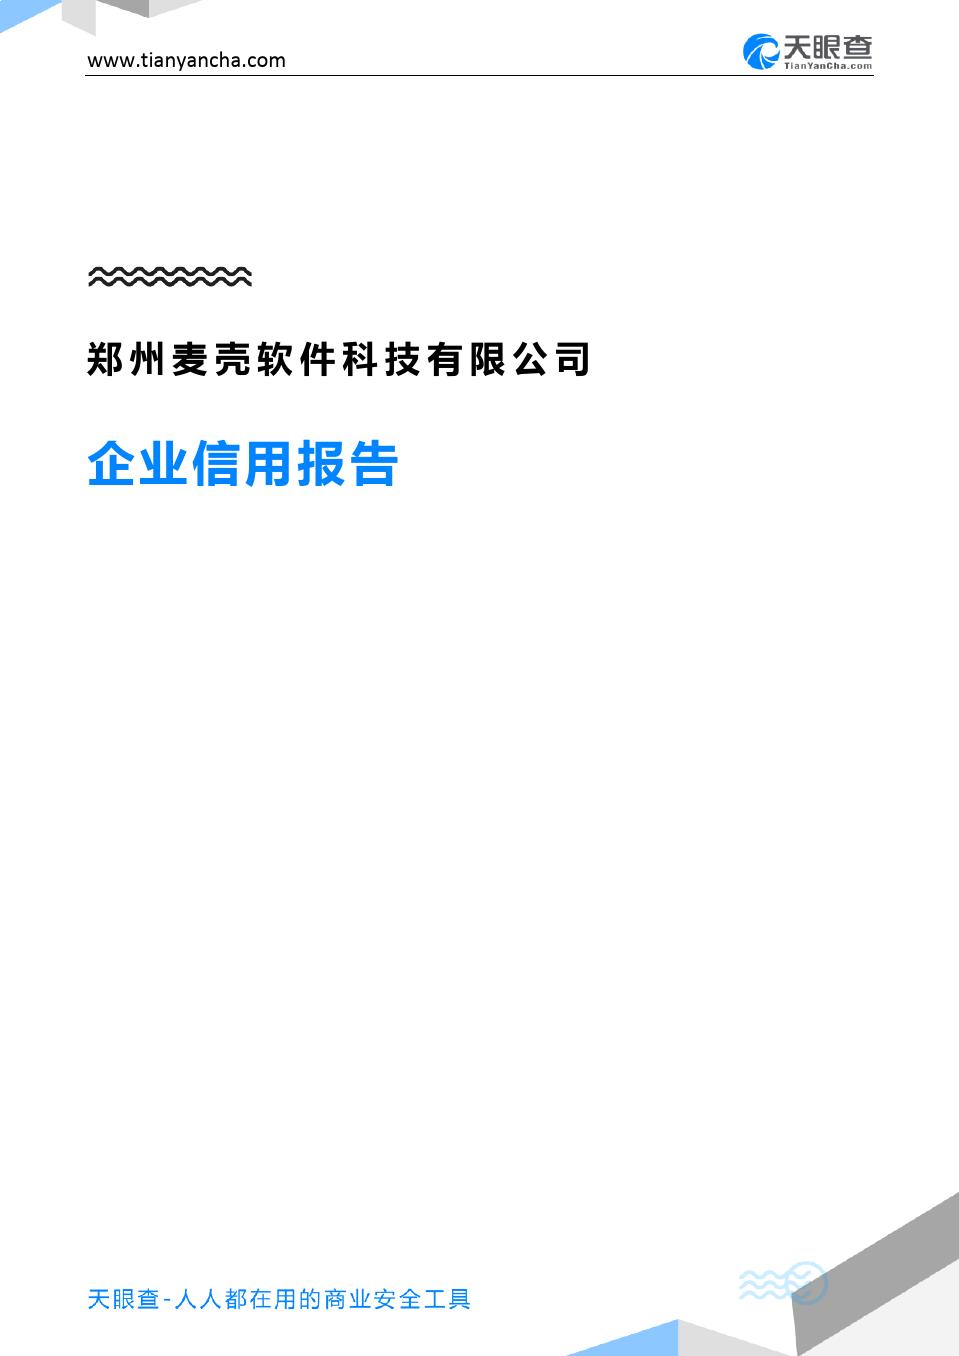 郑州麦壳软件科技有限公司(企业信用报告)- 天眼查